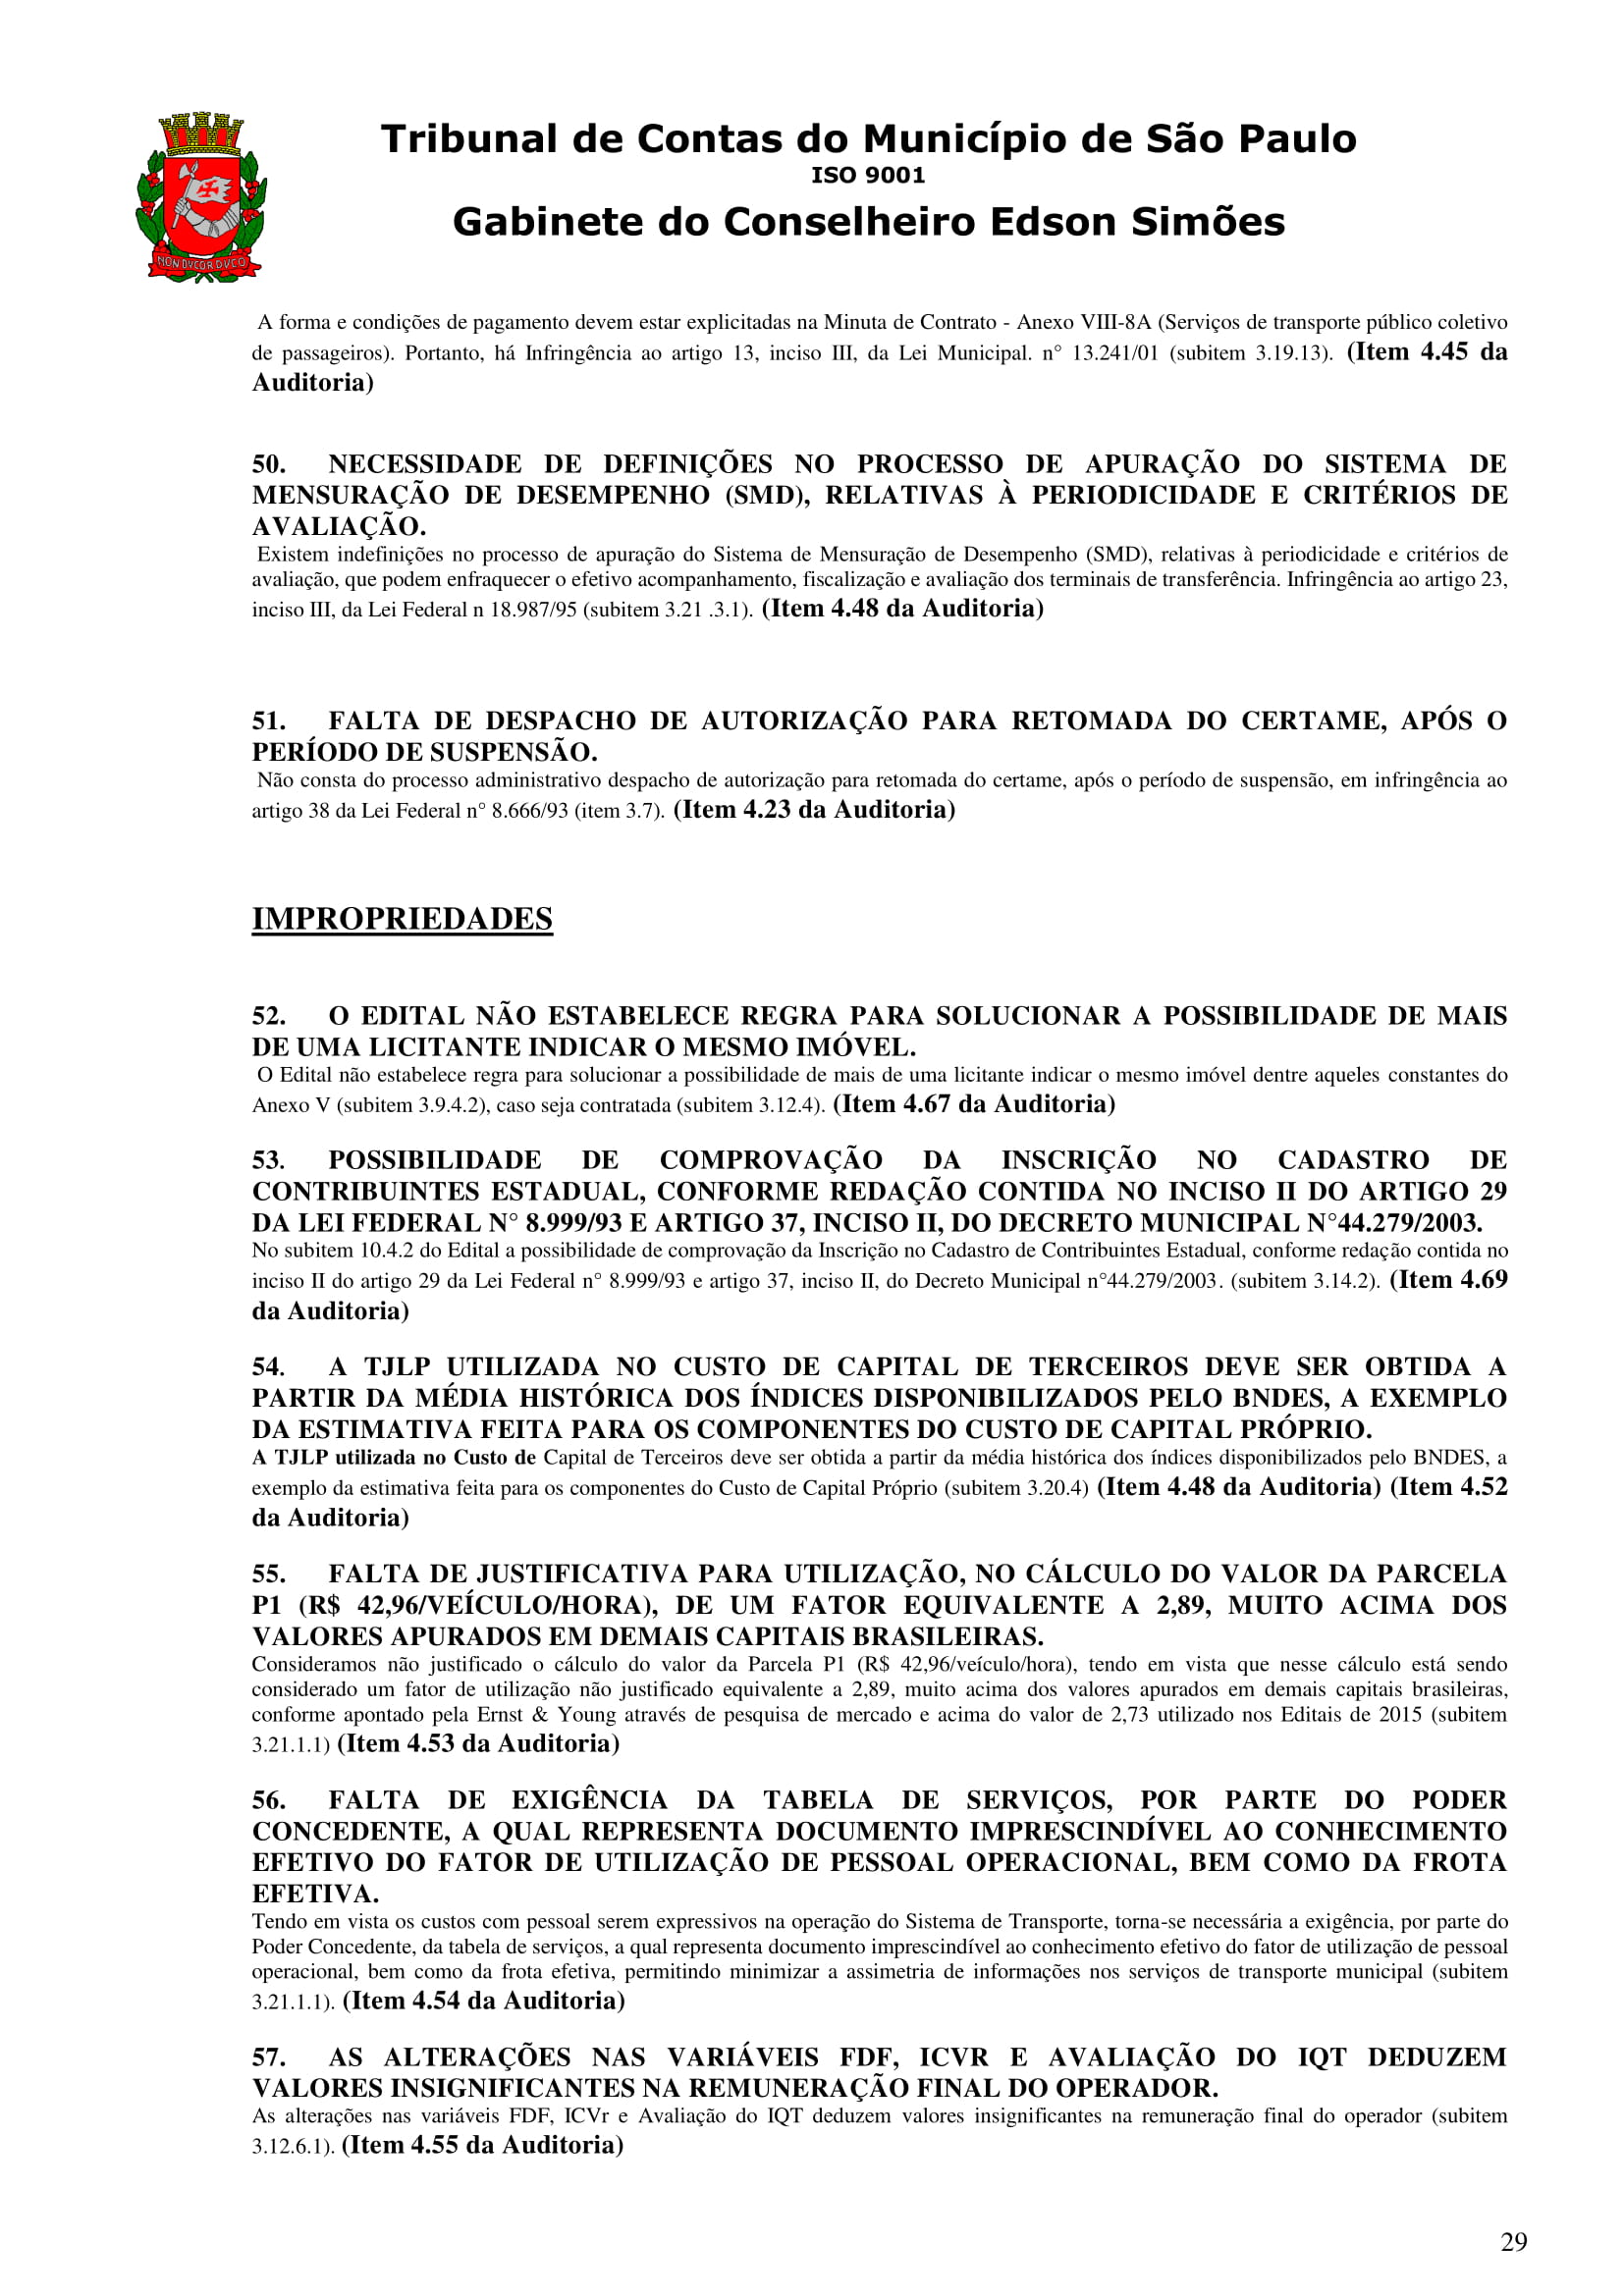 ofício-gb-2038-18 (Concessão Ônibus 2018) - SMT 08.08.18 - pdf-29